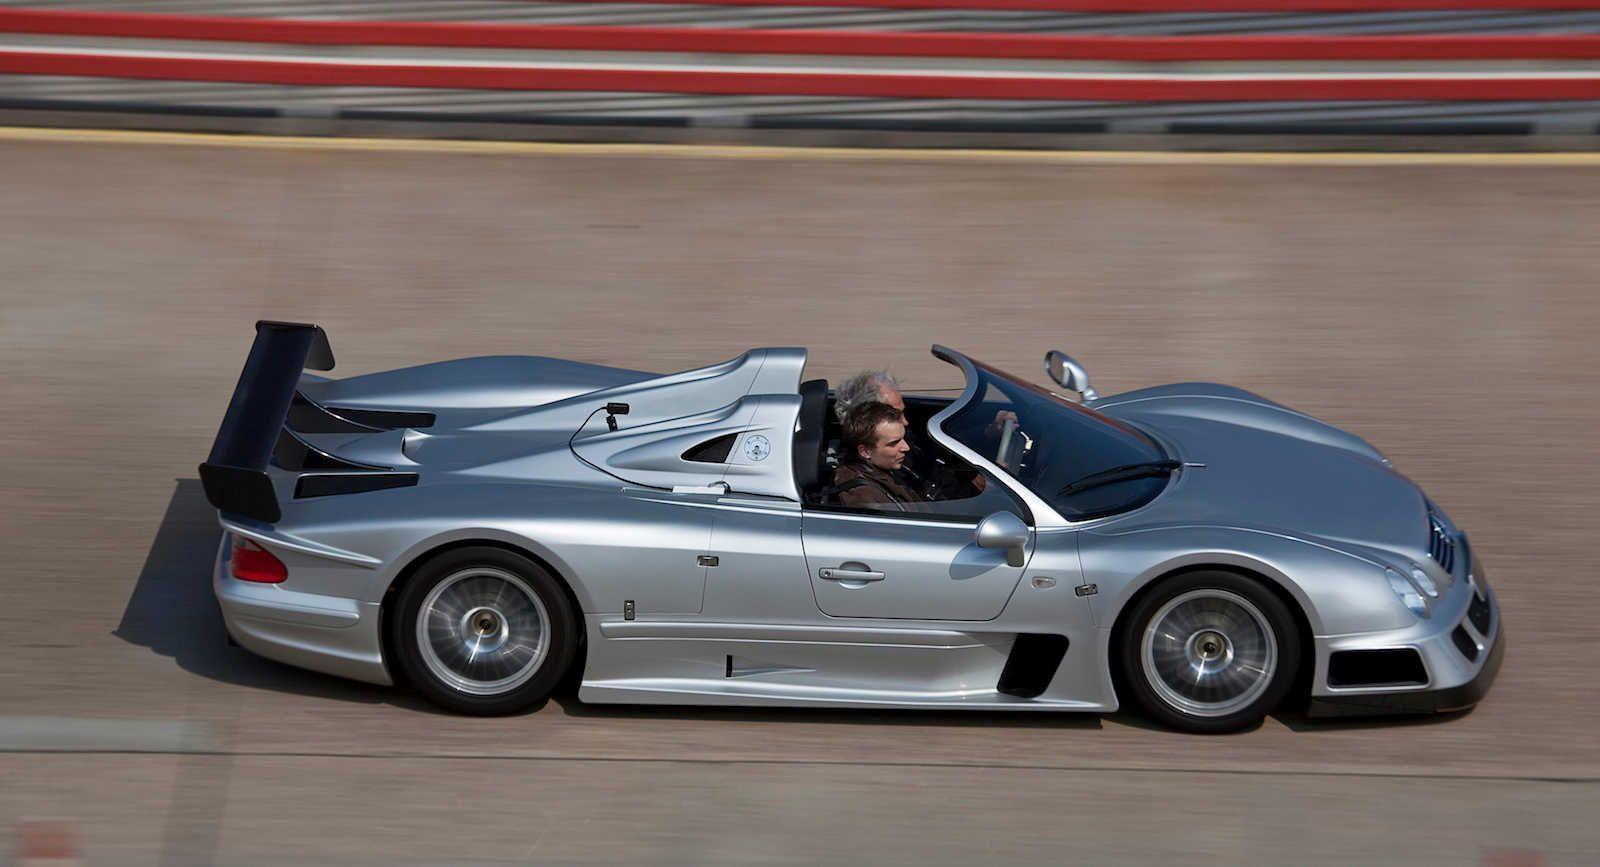 「回顧AMG V12引擎」當代最佳性能產物『Mercedes Benz CLK GTR』